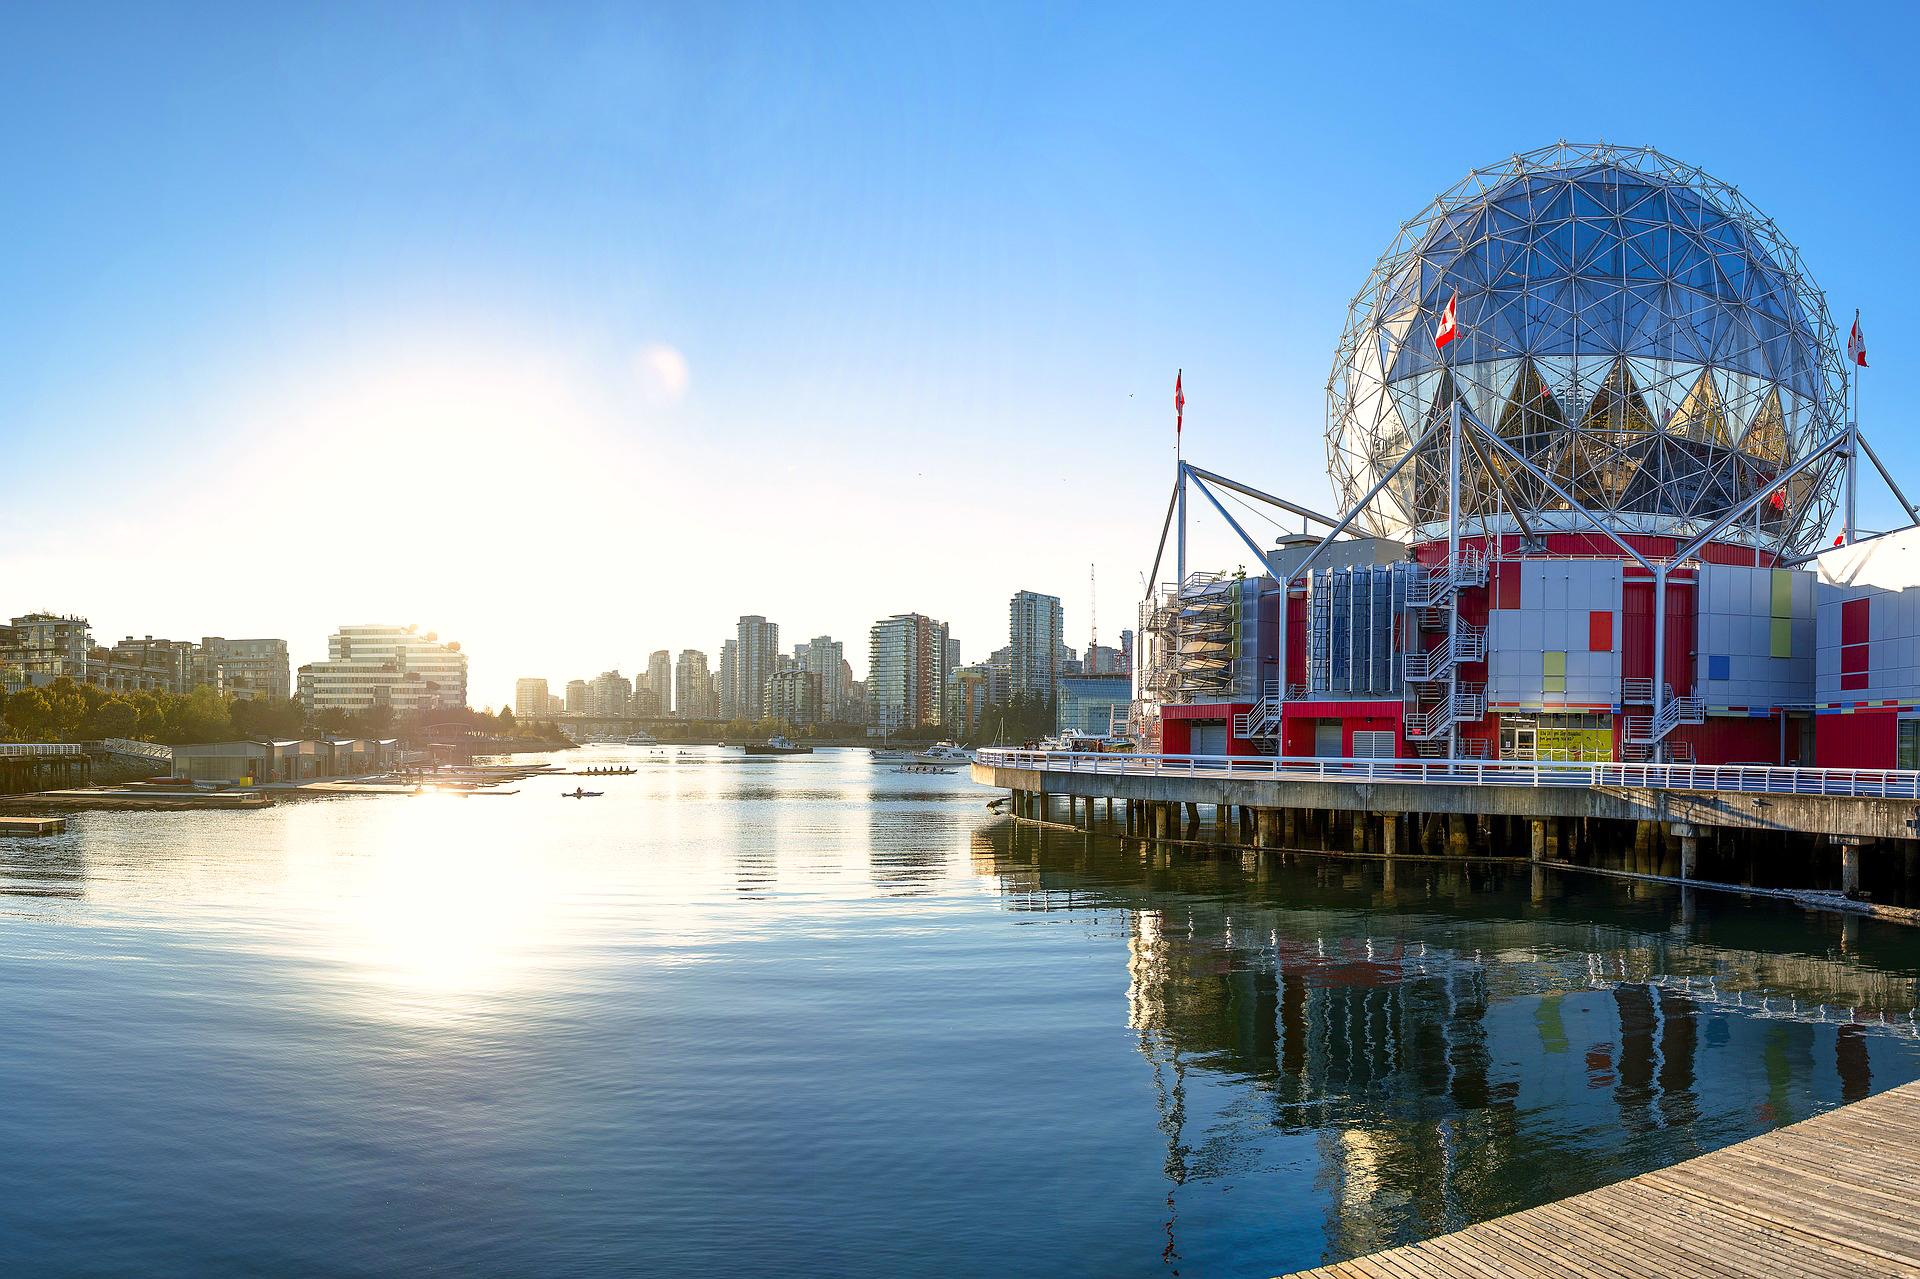 Guía de viajes a Canada, Visa a Canadá, Visado a Canadá canadá - 31543030443 84fb173128 o - Guía de viajes y visa para Canadá